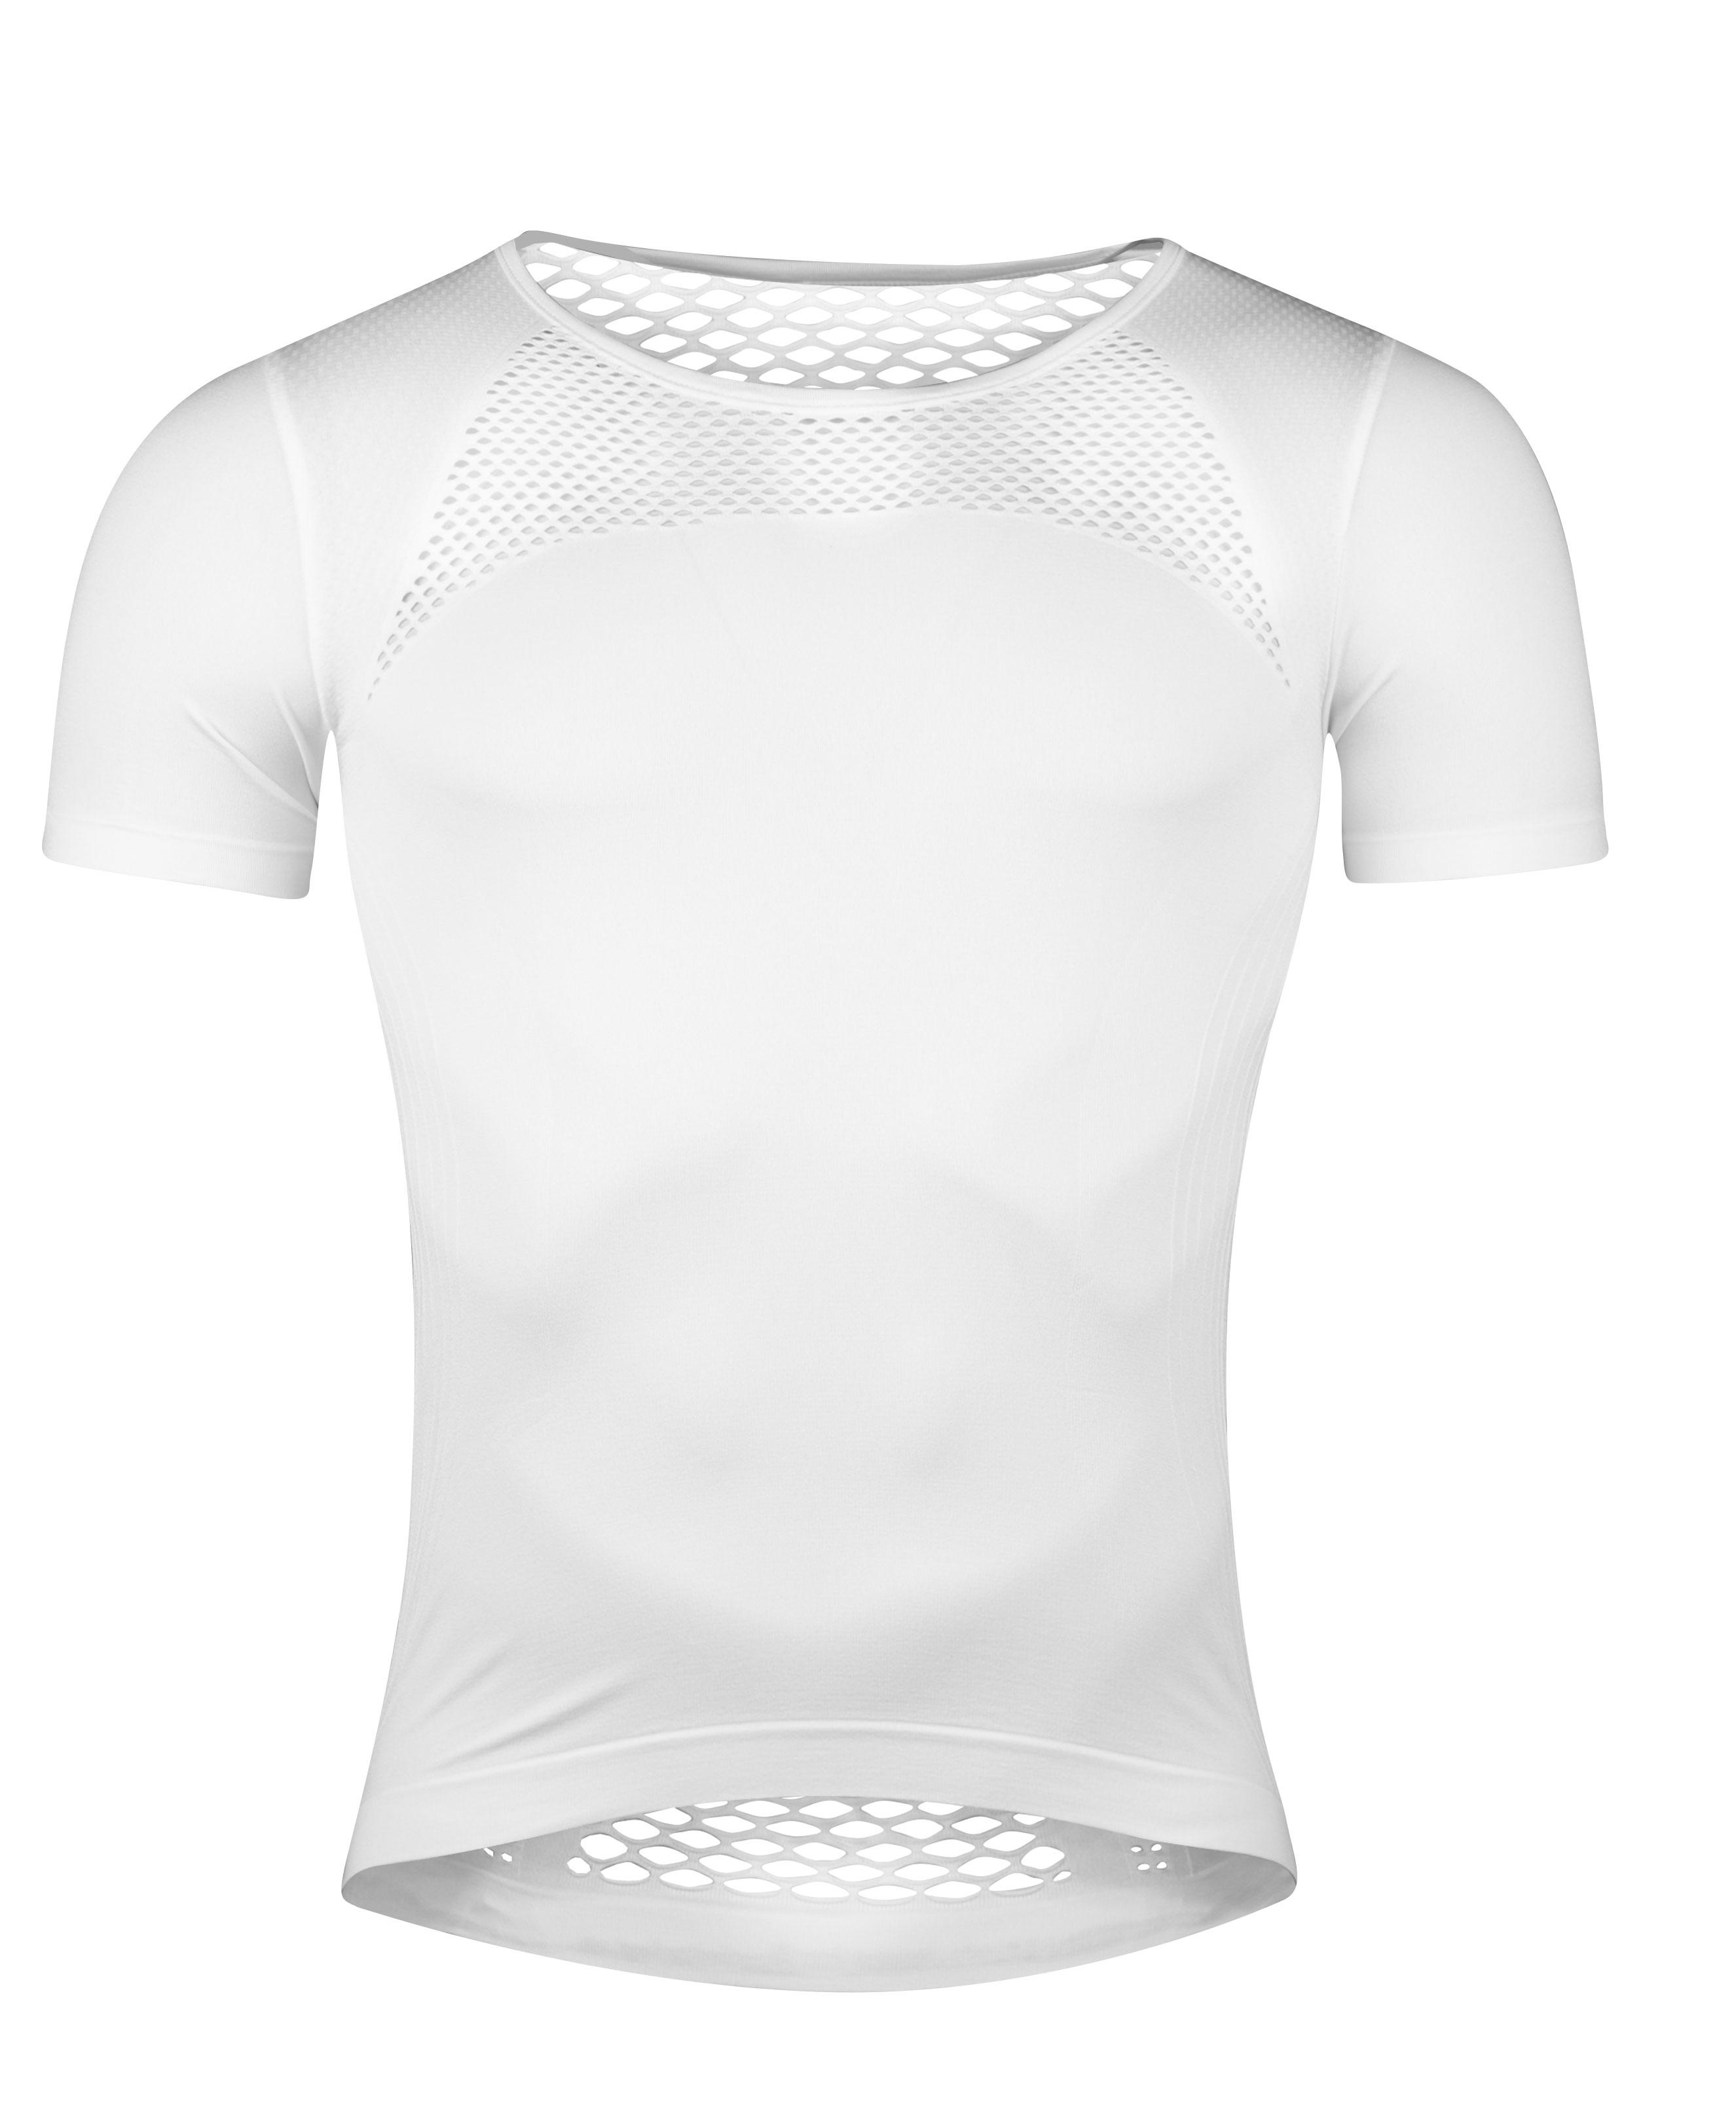 triko funkční  FORCE SUMMER krátký rukáv, bílé XS-S